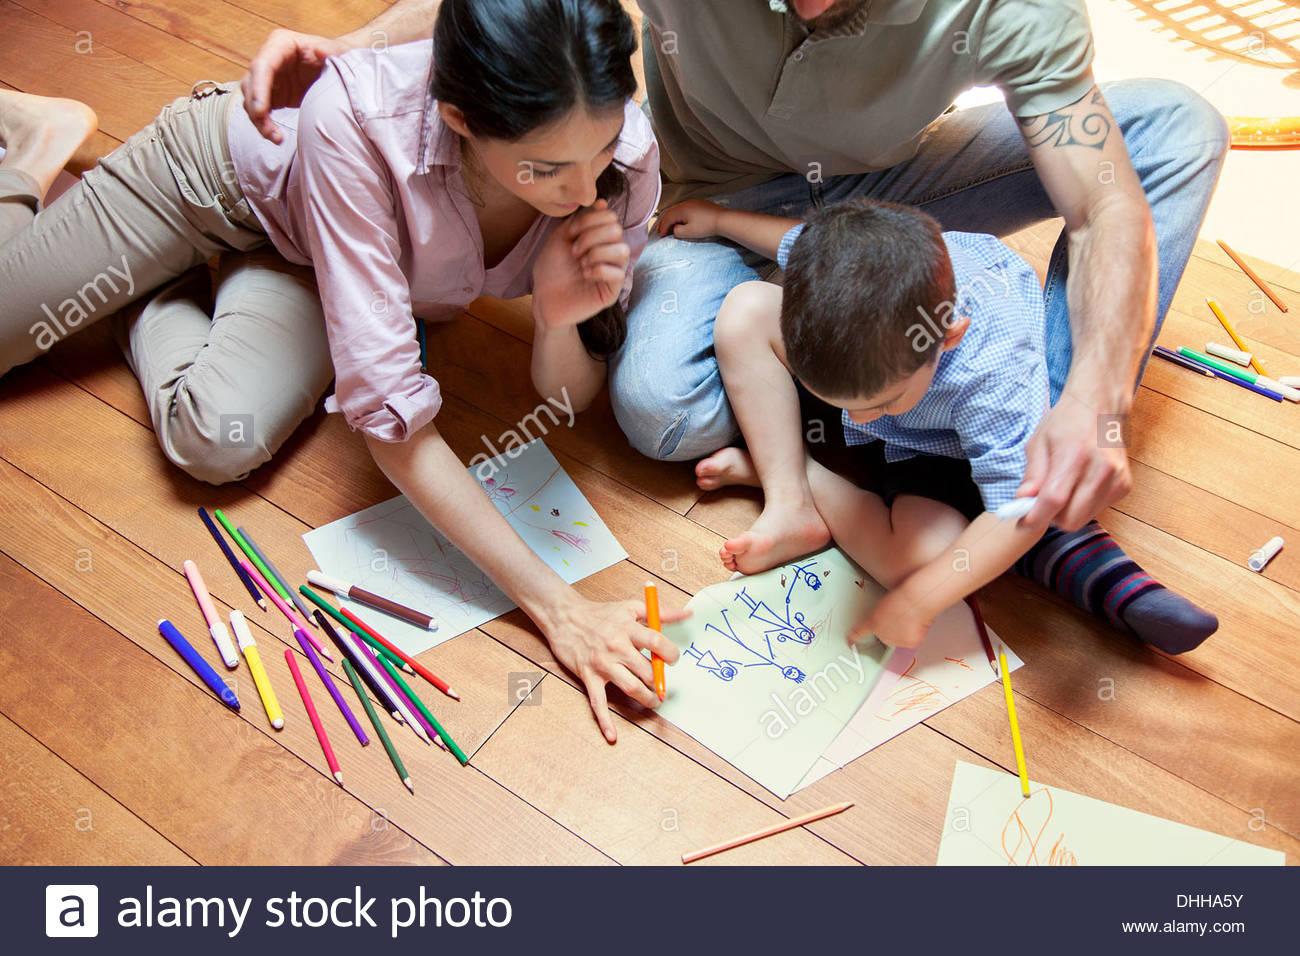 Junge sitzt auf Bodenzeichnung mit Eltern Stockbild